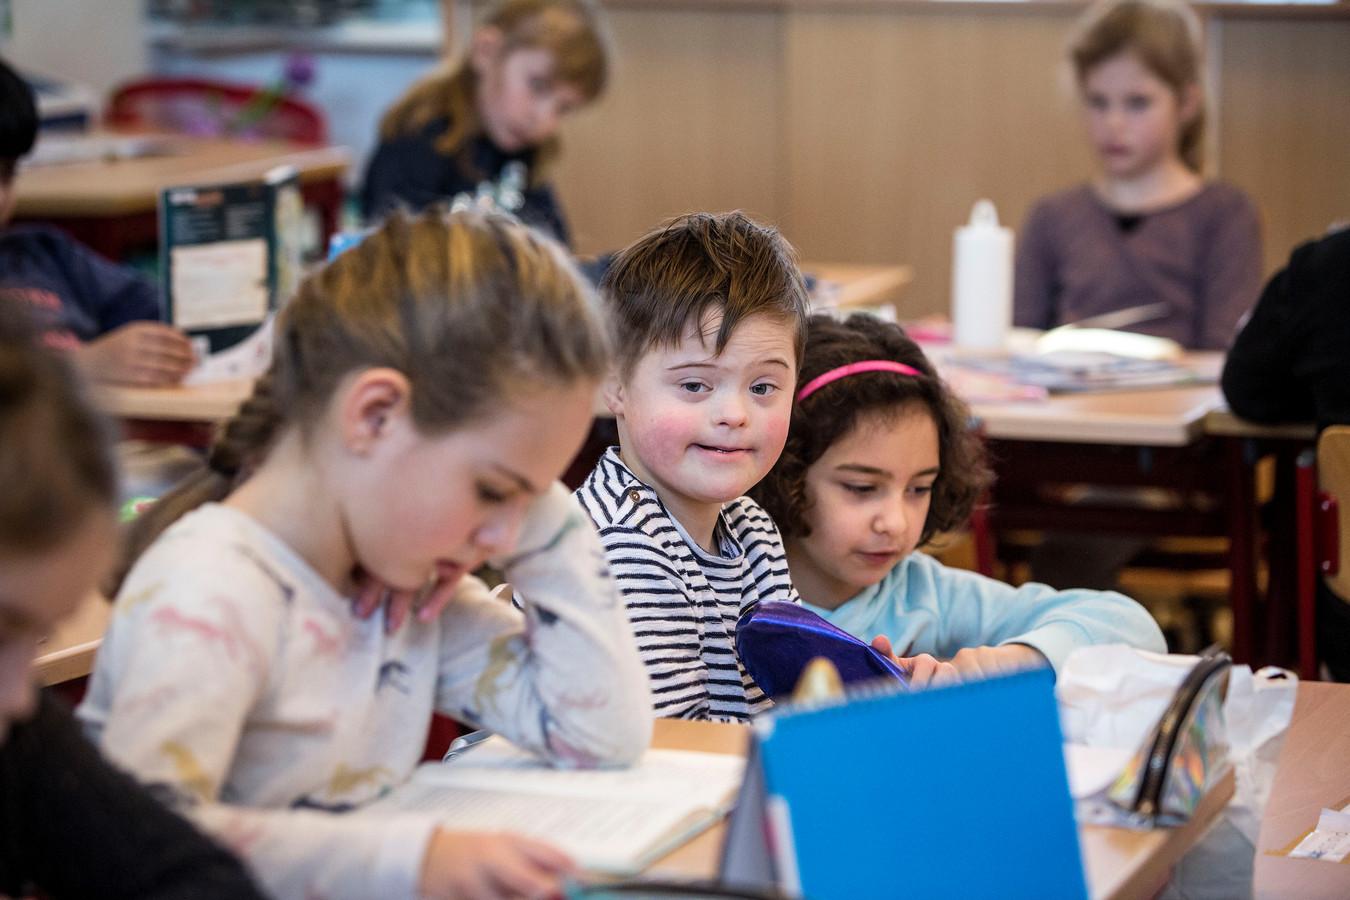 Op sommige scholen werkt de Wet passend onderwijs goed en worden zorgleerlingen binnenboord gehouden, zoals op basisschool De Kroevendonk in Roosendaal.